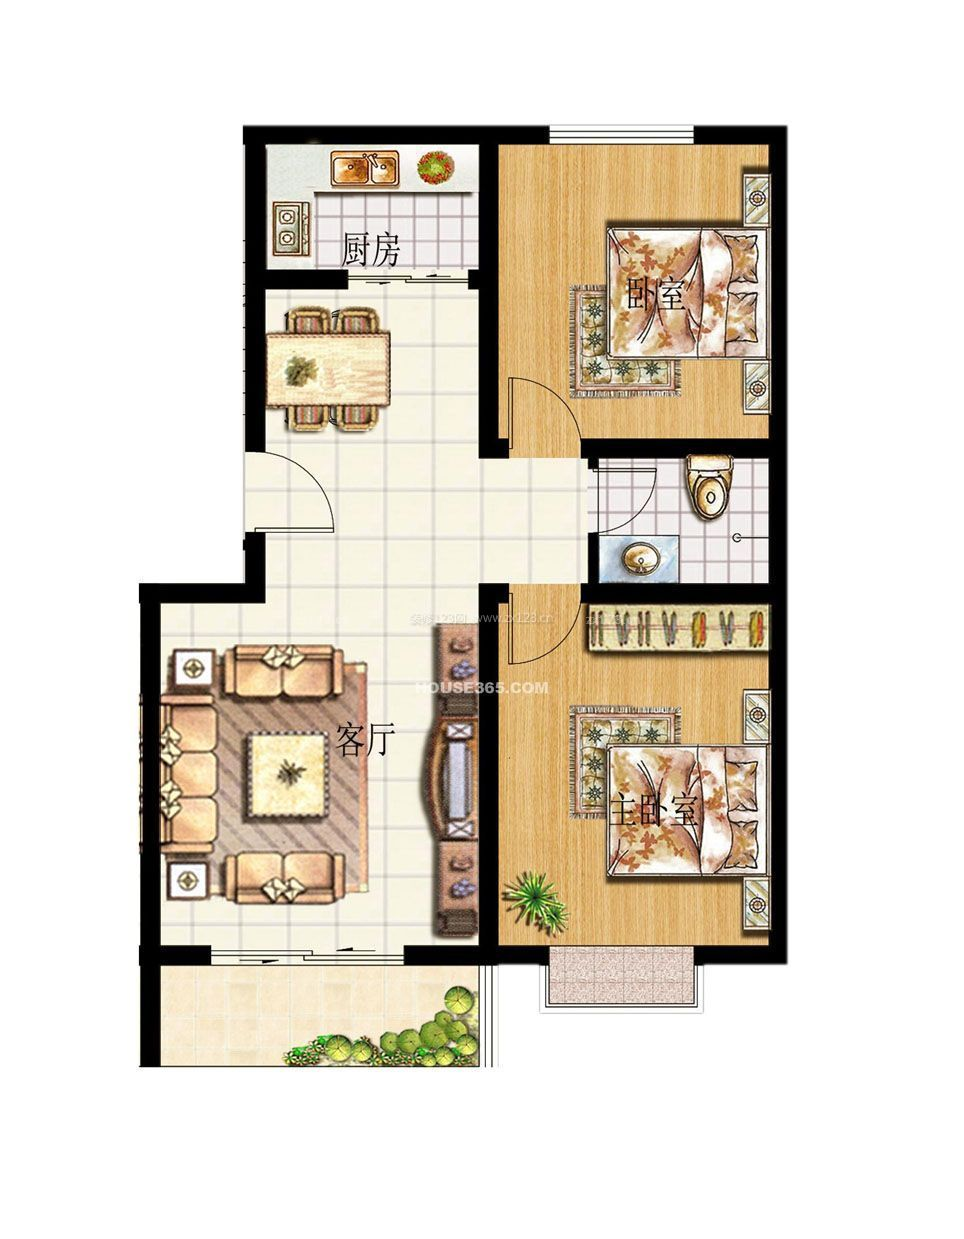 70平两室一厅房子设计平面户型图片大全图片